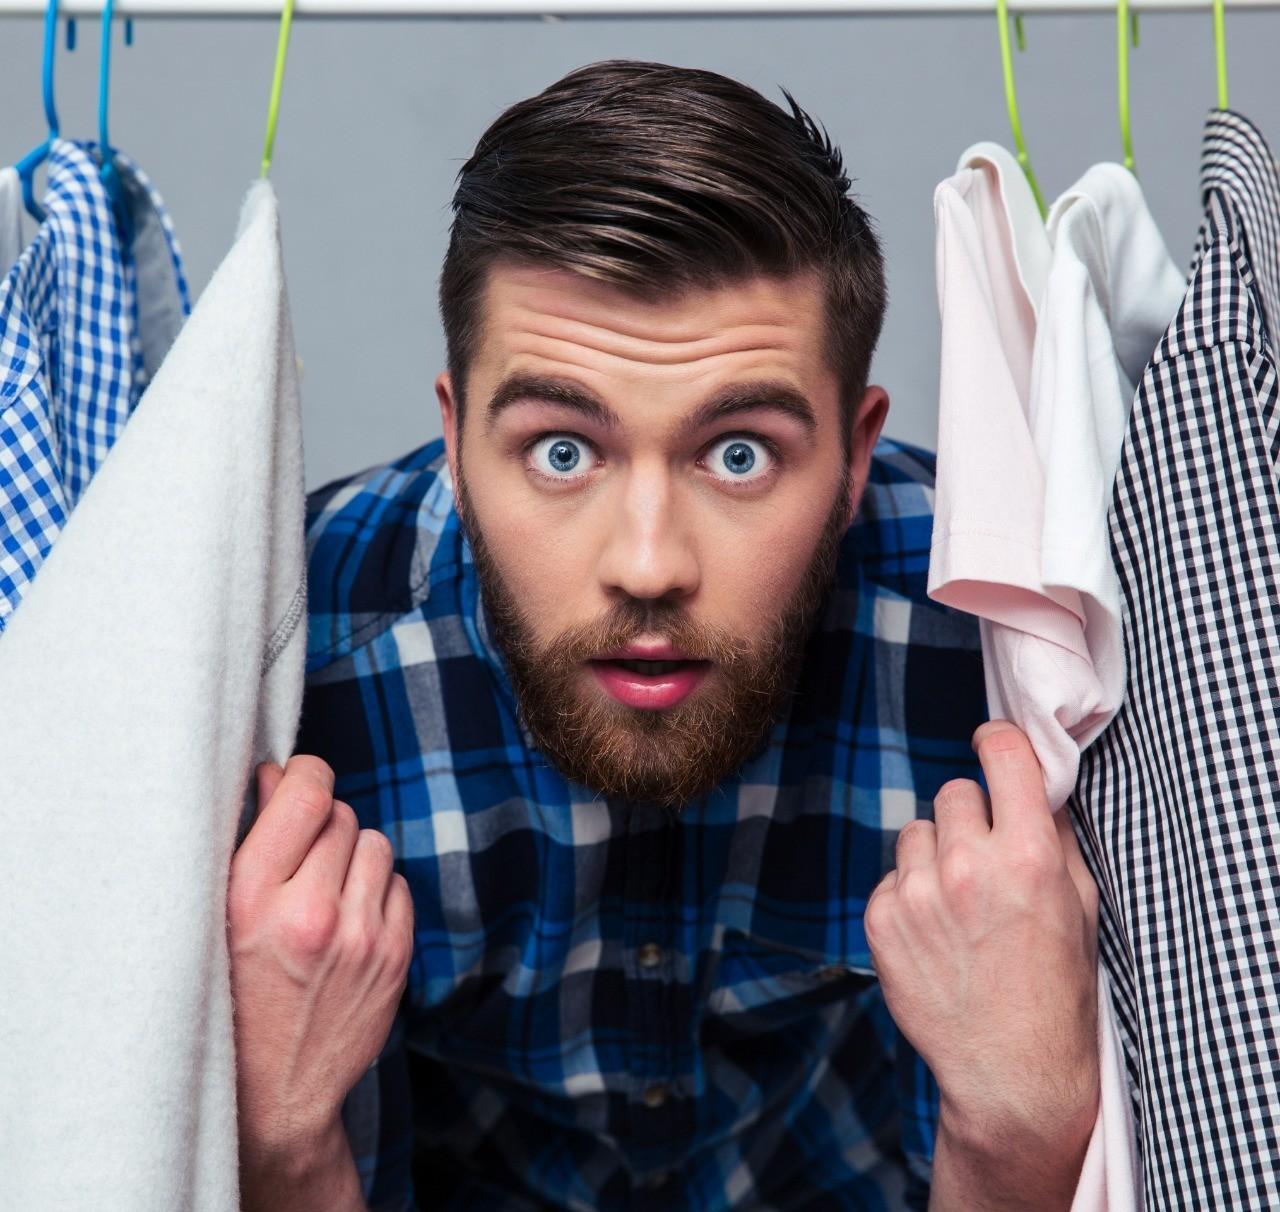 Он ужасно одевается: как убедить его сменить гардероб